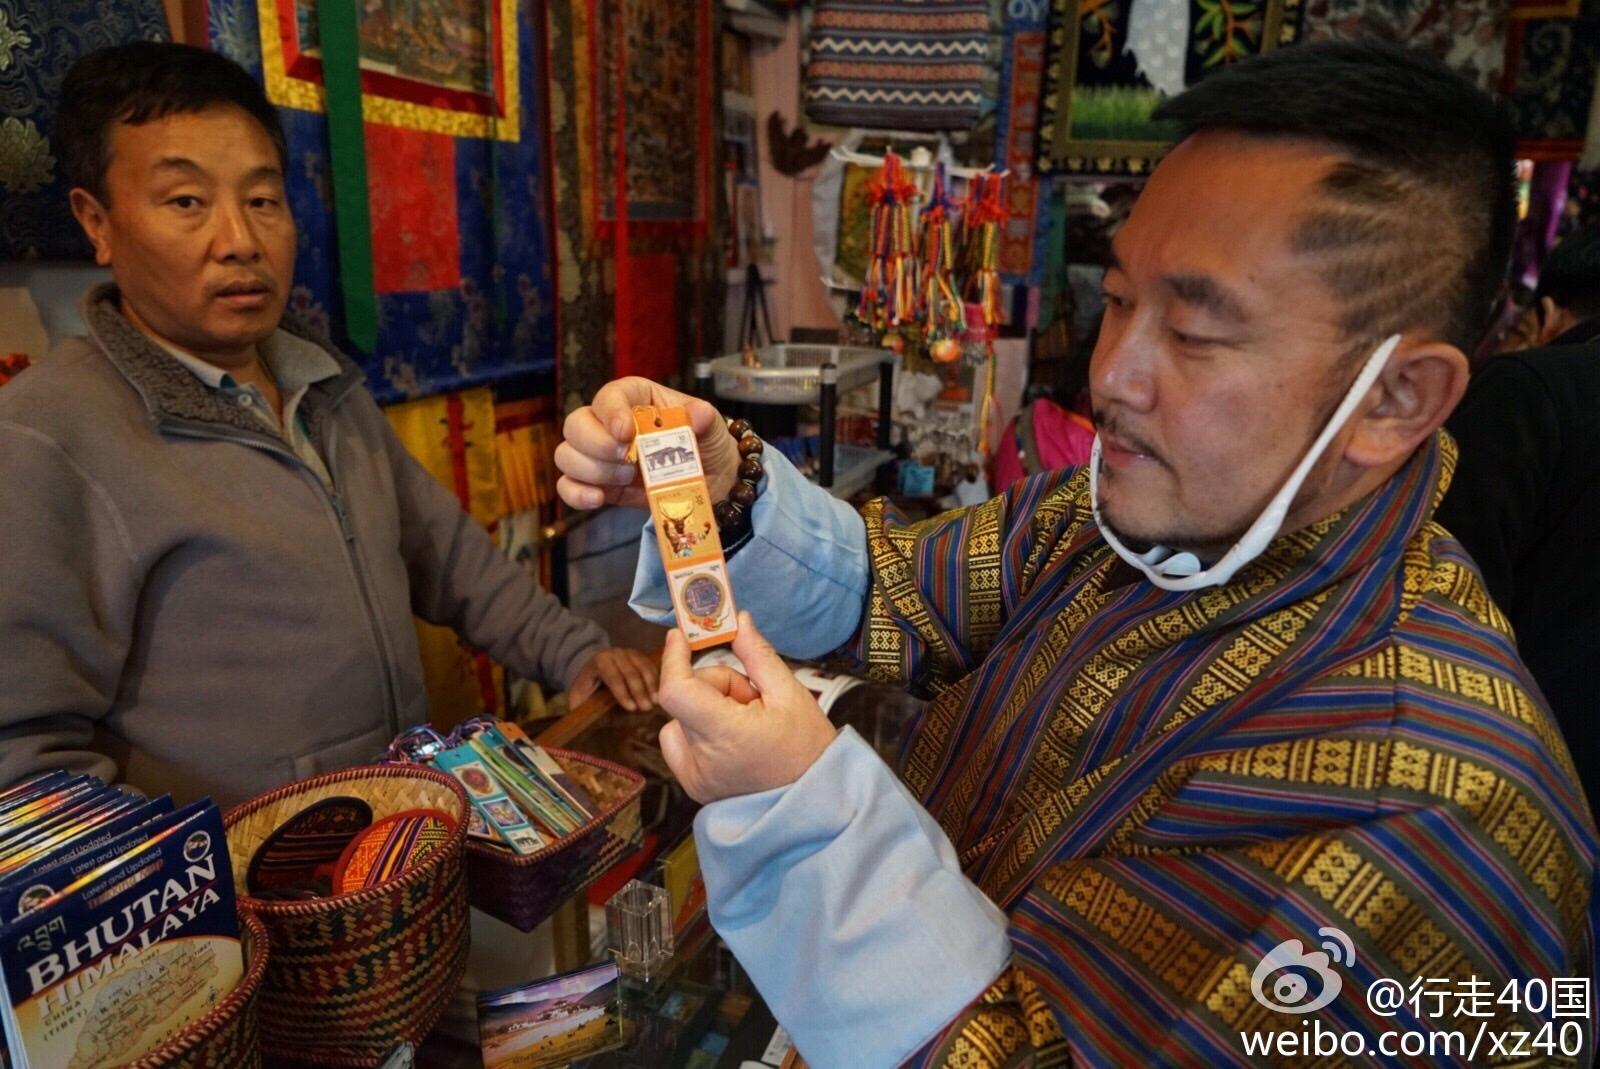 想男人鸡巴_组图【不丹攻略】在不丹不买男人阳具还能买啥?